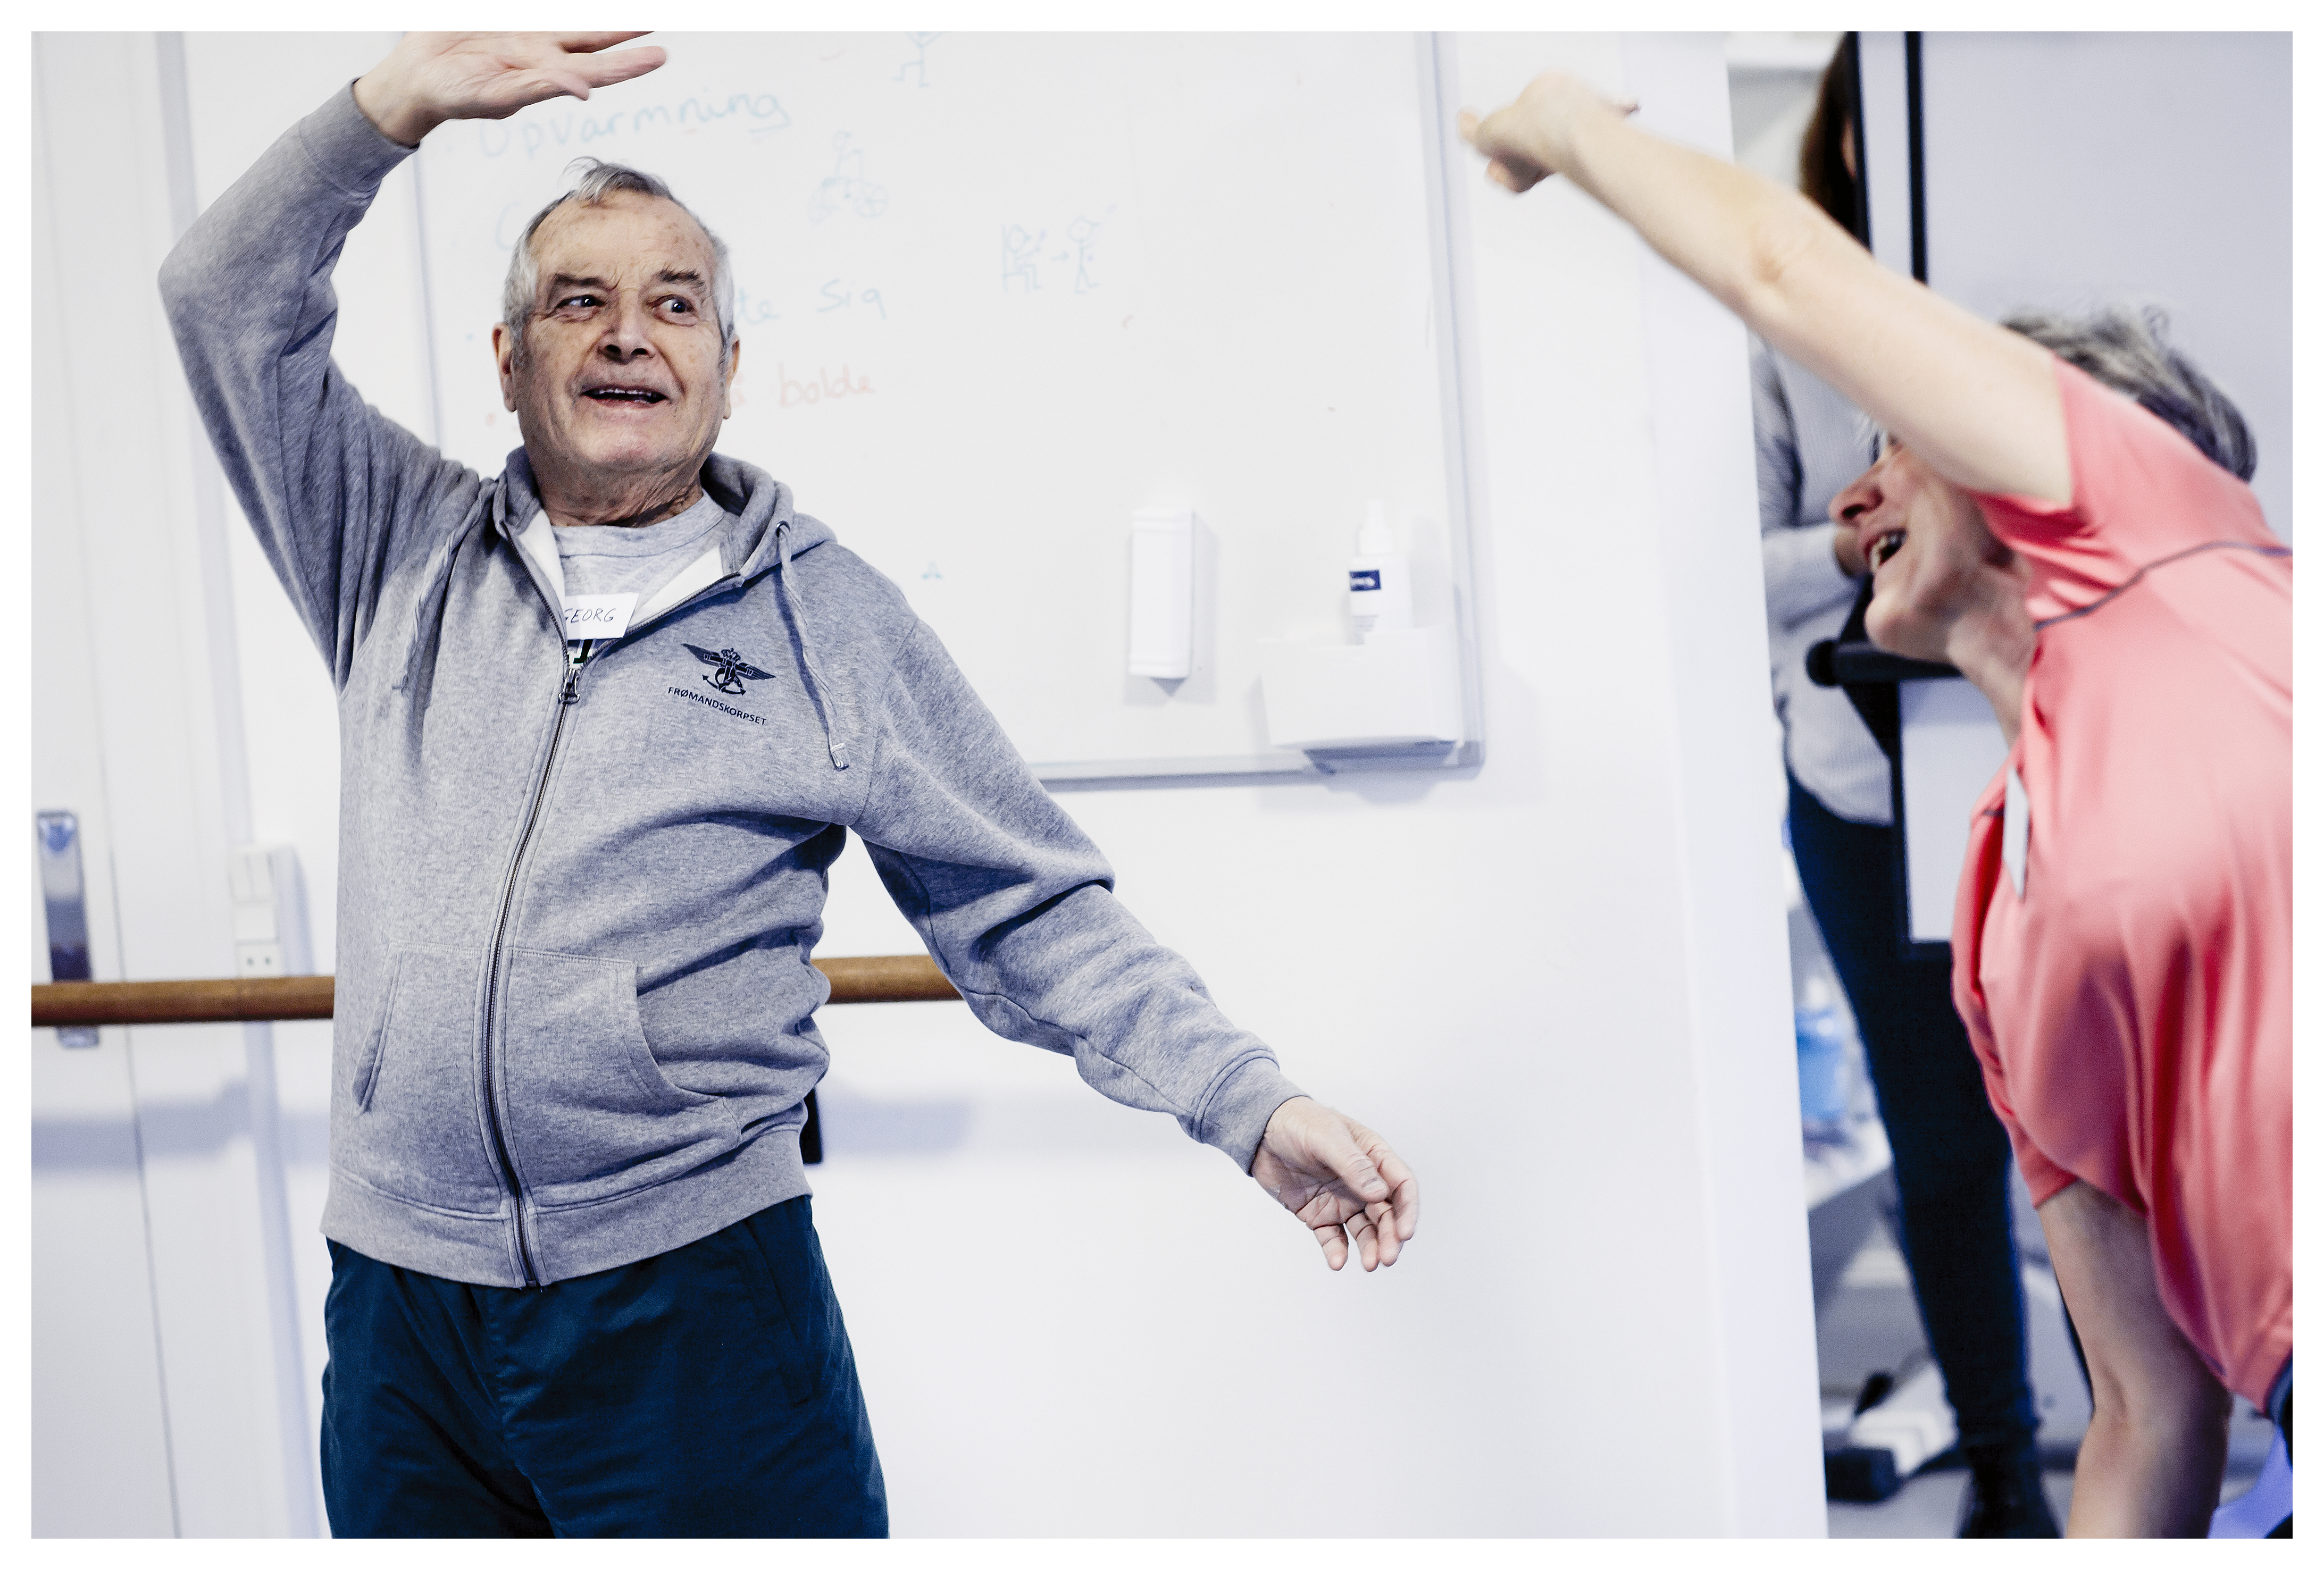 Center for Demens i København tilbyder som et af de få steder i Danmark CST-forløb til borgere med demens. Ergoterapeuterne Sofie Tran og Louise Dehli oplever, at metoden øger borgernes livskvalitet.